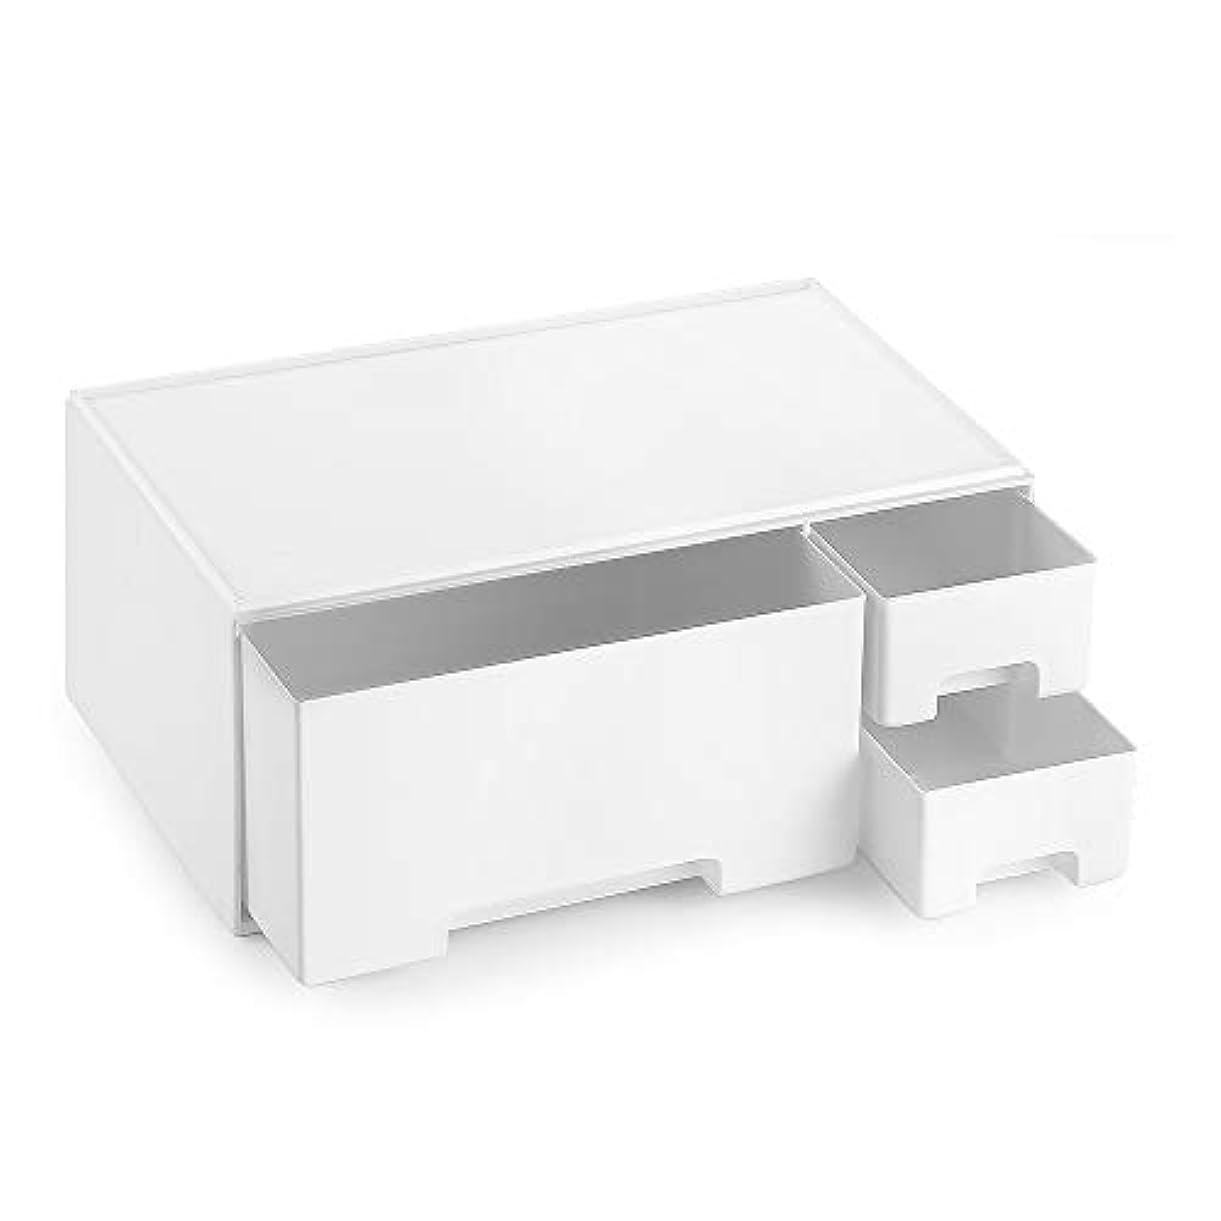 ドラフト貢献するパットメイクボックス 化粧品収納 コスメ収納 引き出し 小物/化粧品入れ リモコンラック テーブル収納 コスメ収納スタンド ジュエリーボックス ブラシホルダー 卓上収納 - 下段